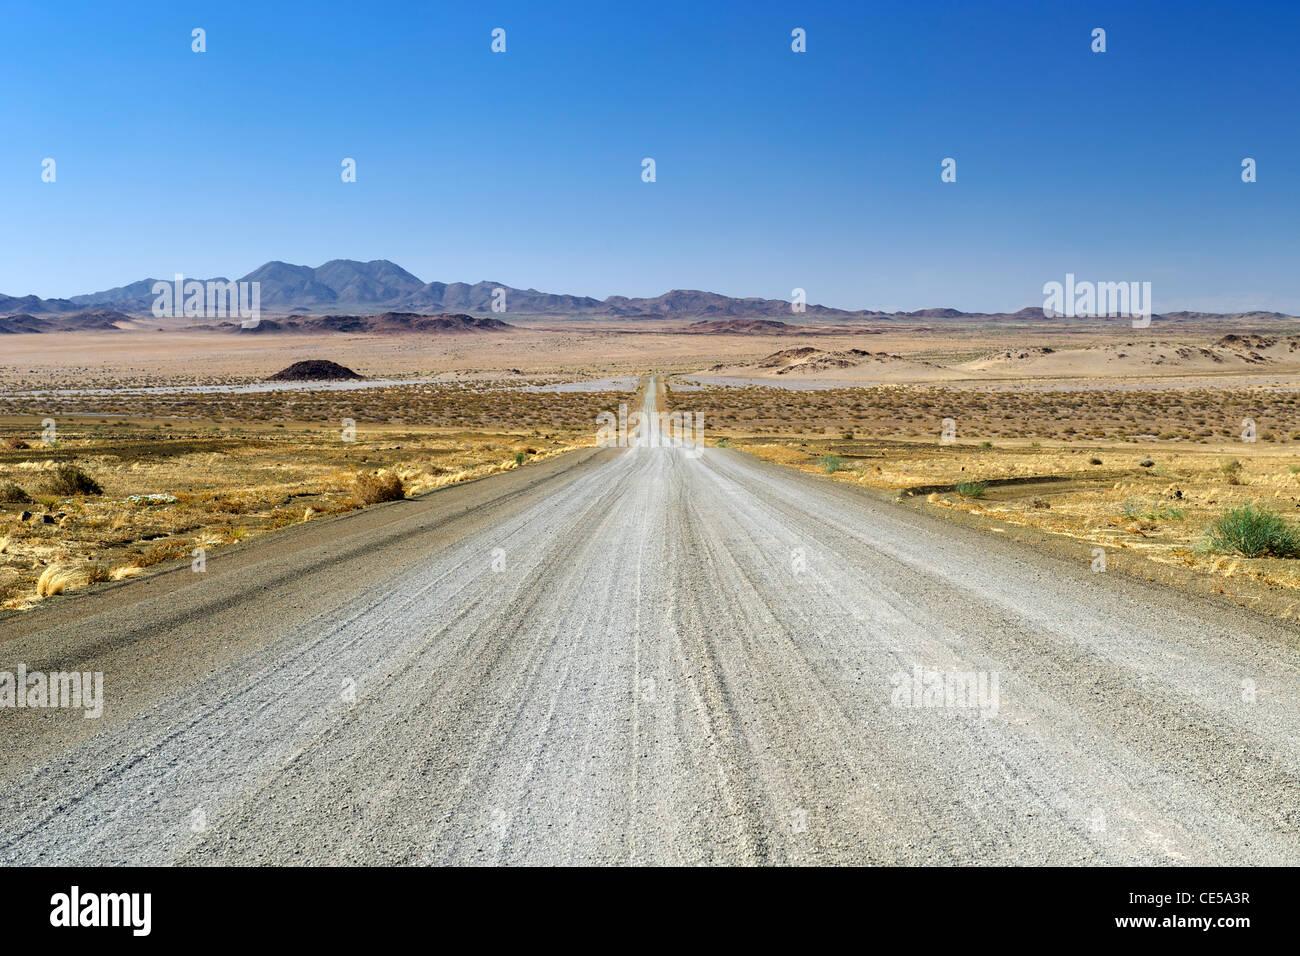 Route de gravier dans la région Karas du sud de la Namibie. Photo Stock